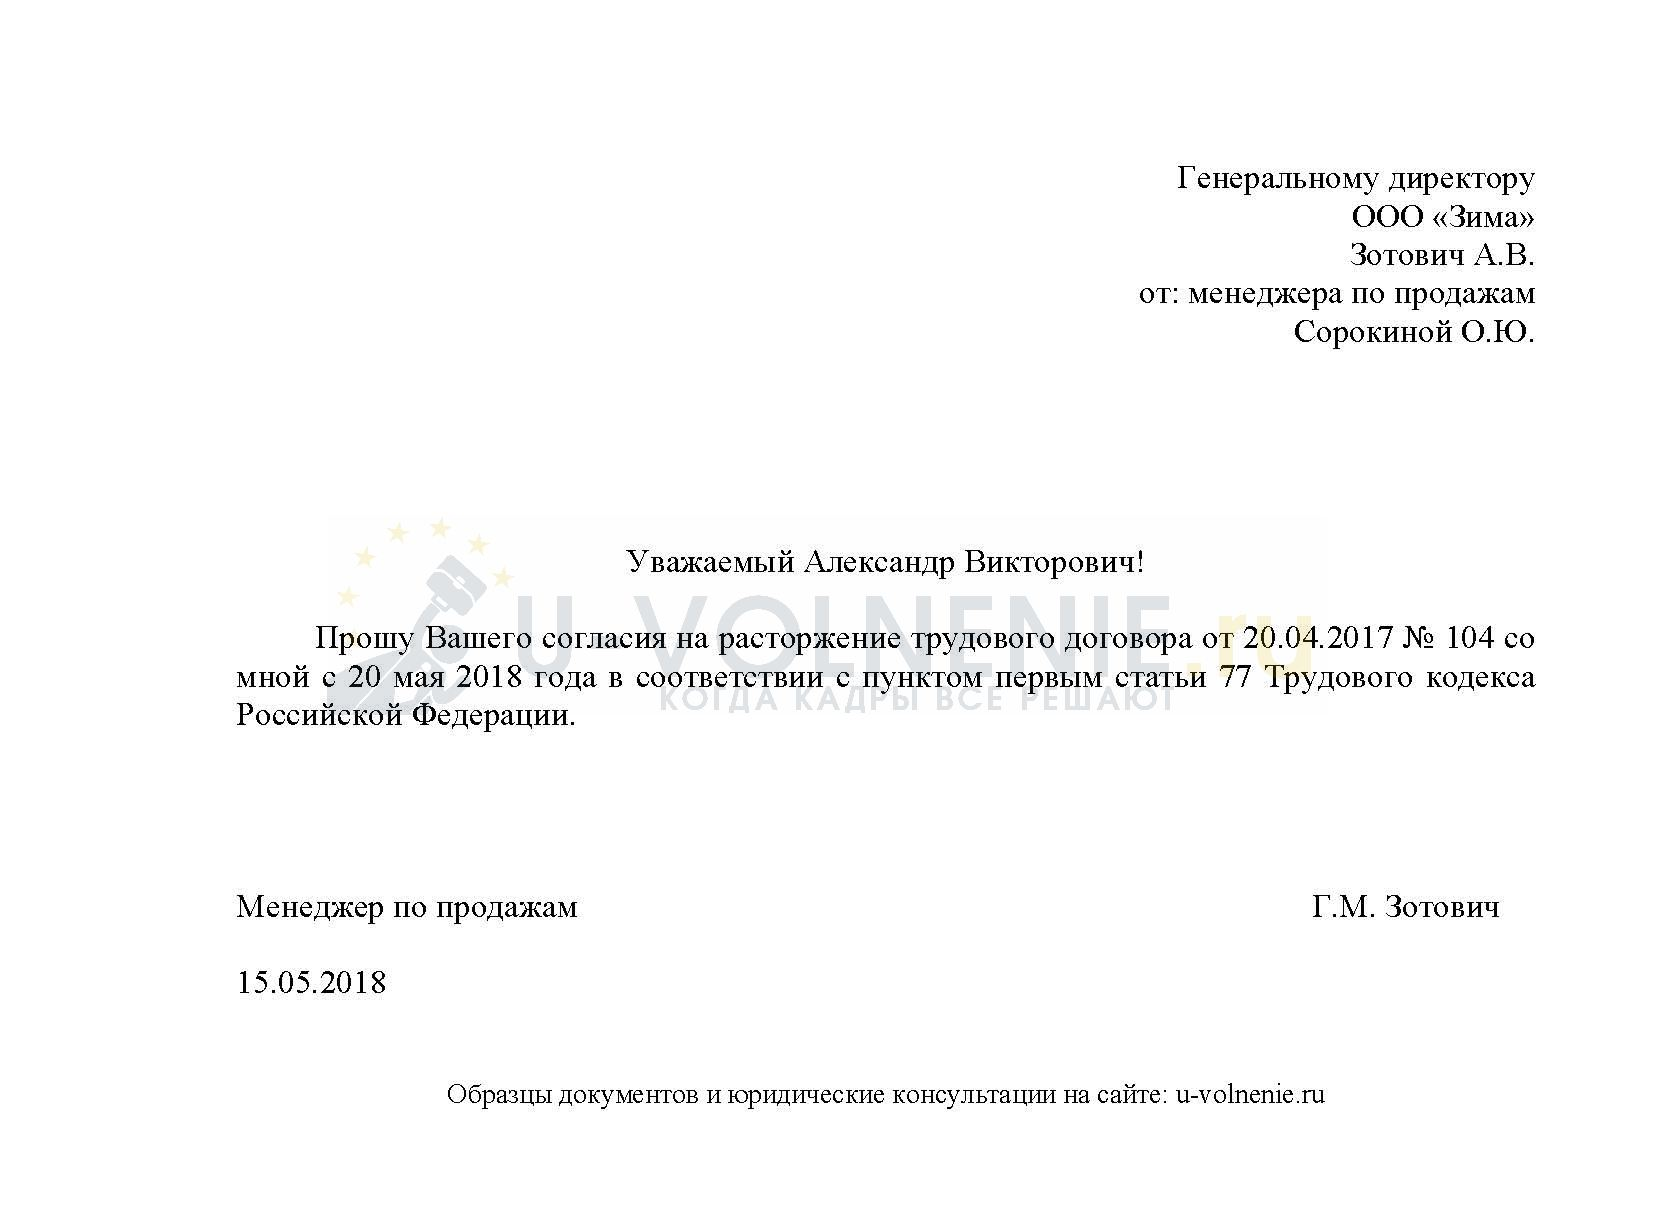 Образец предложения о расторжении трудового договора от работника